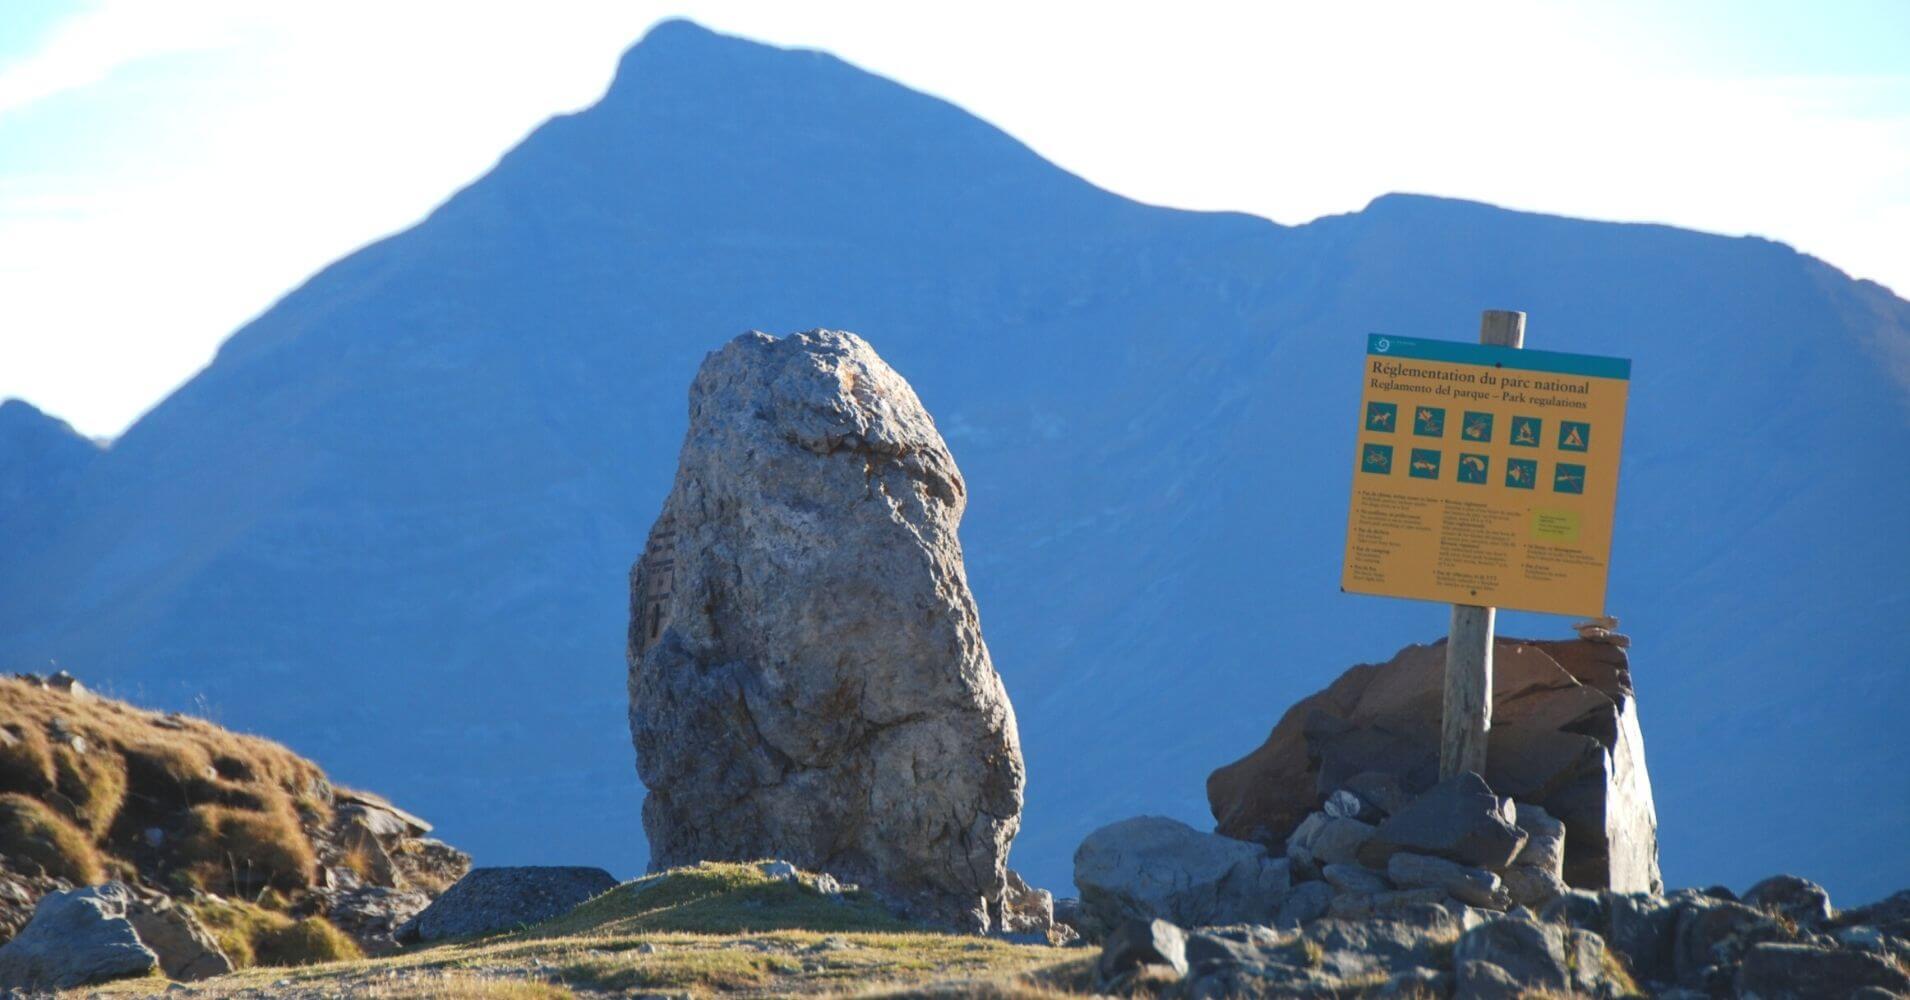 Col de Tentes. Parque Nacional de Pirineos. Altos Pirineos. Occitania. Francia.